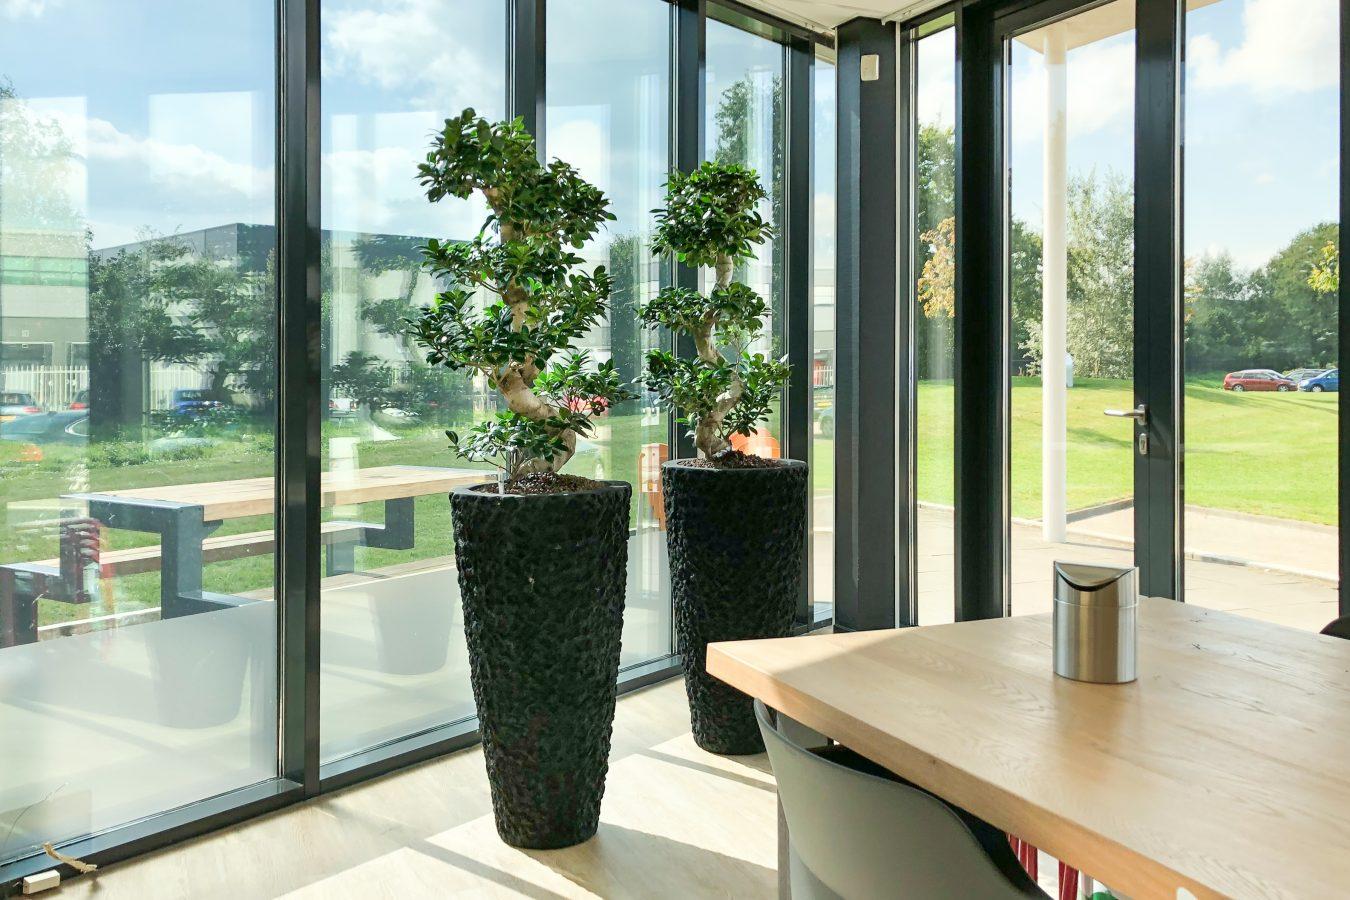 Natuurlijke zwarte lava plantenbak met 2 ficus kantoorbeplanting